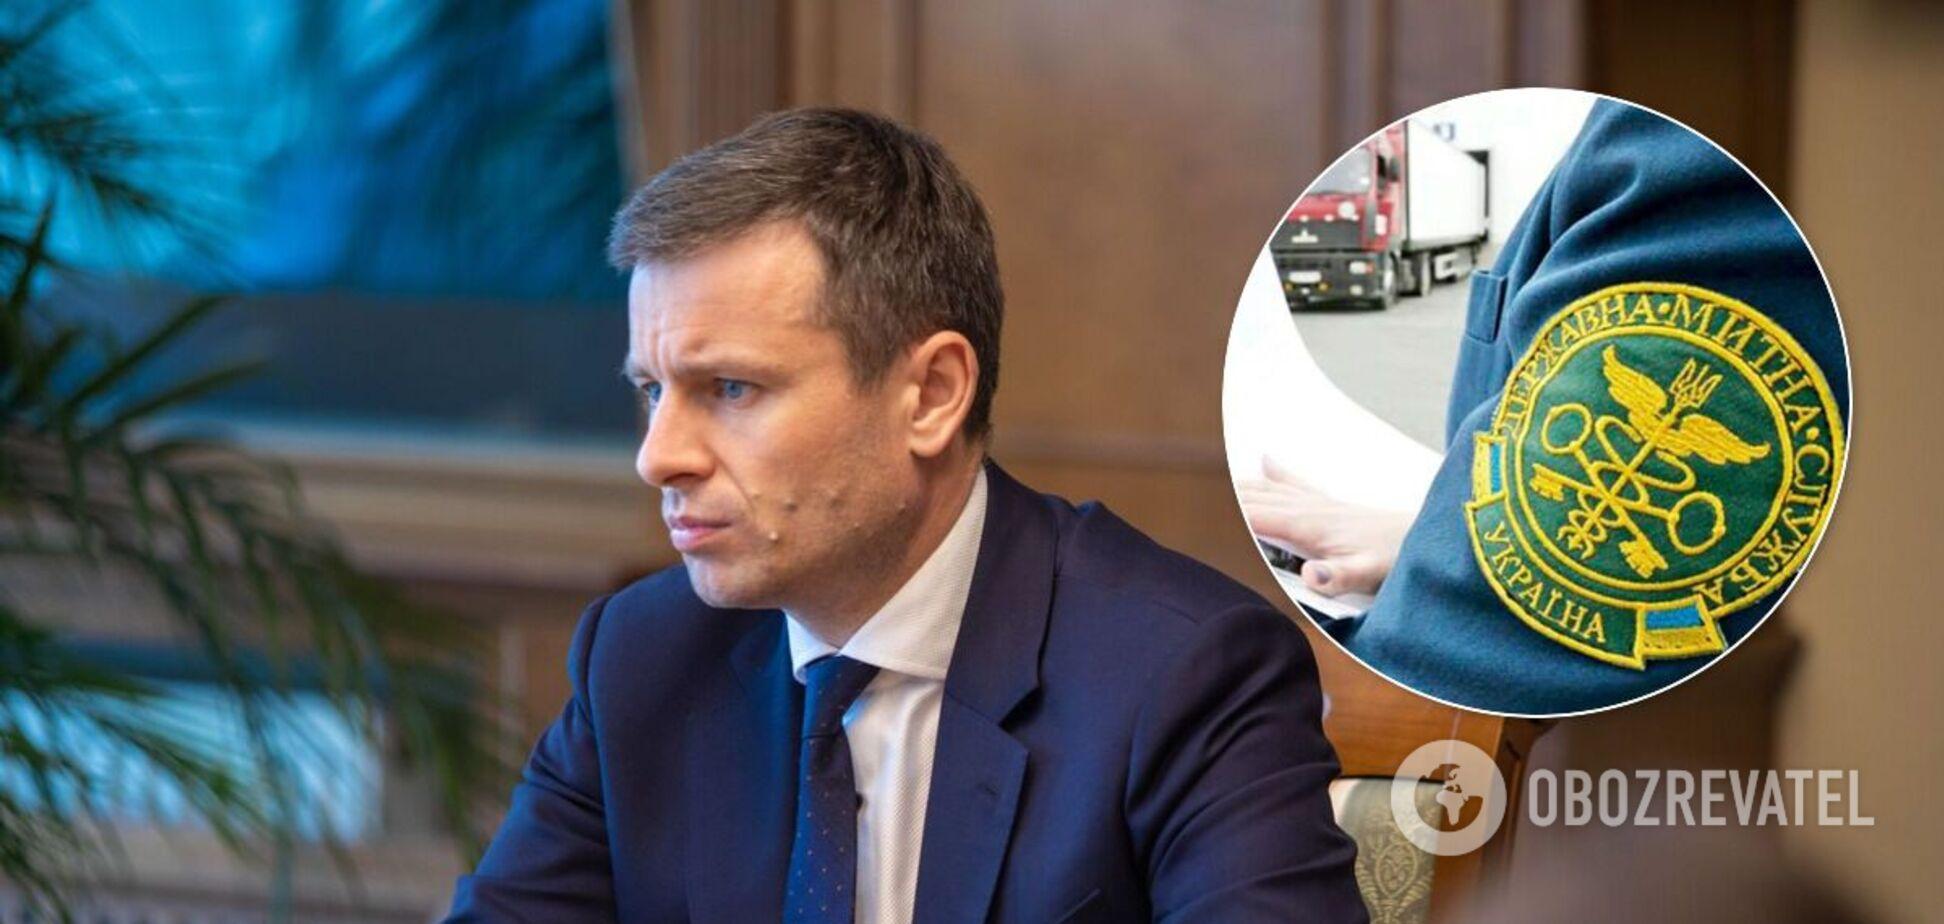 Сергій Марченко пояснив, за що звільнив головного митника України